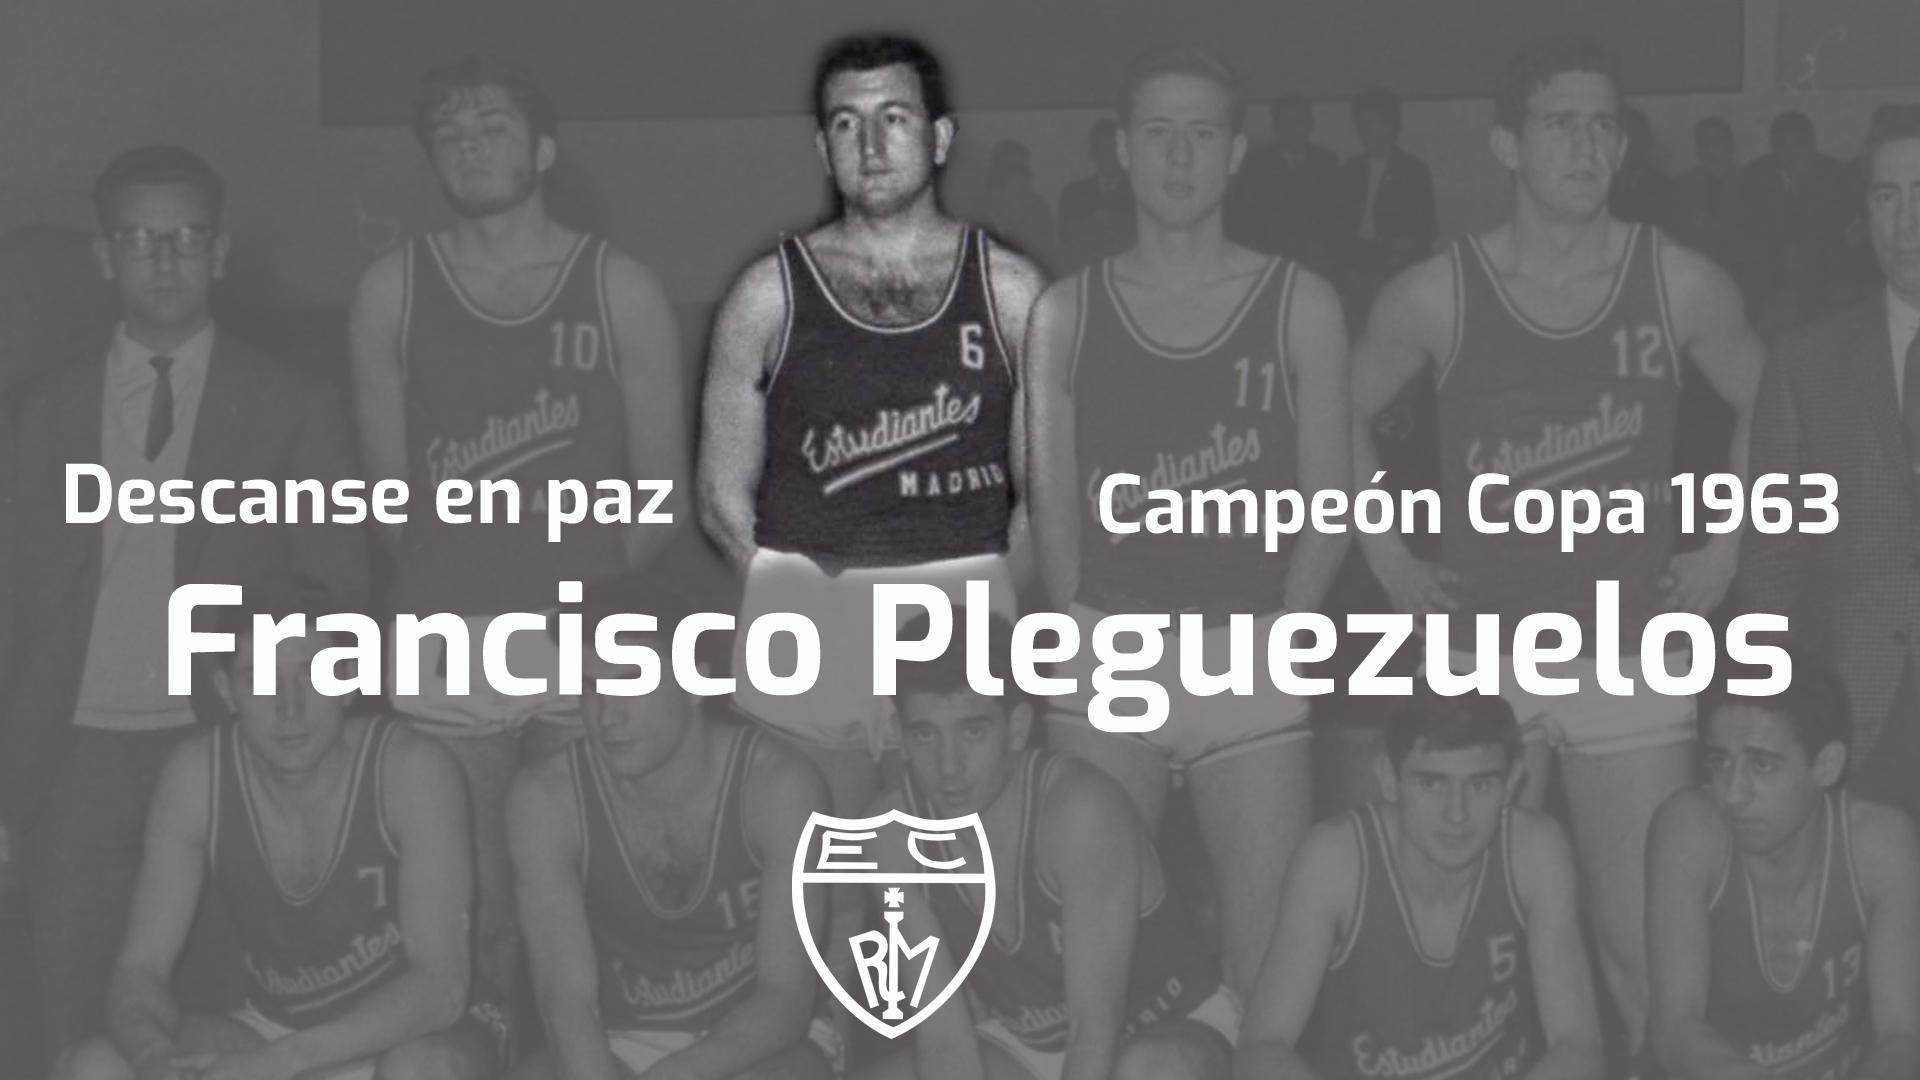 Descanse en paz Paco Pleguezuelos, campeón en 1963